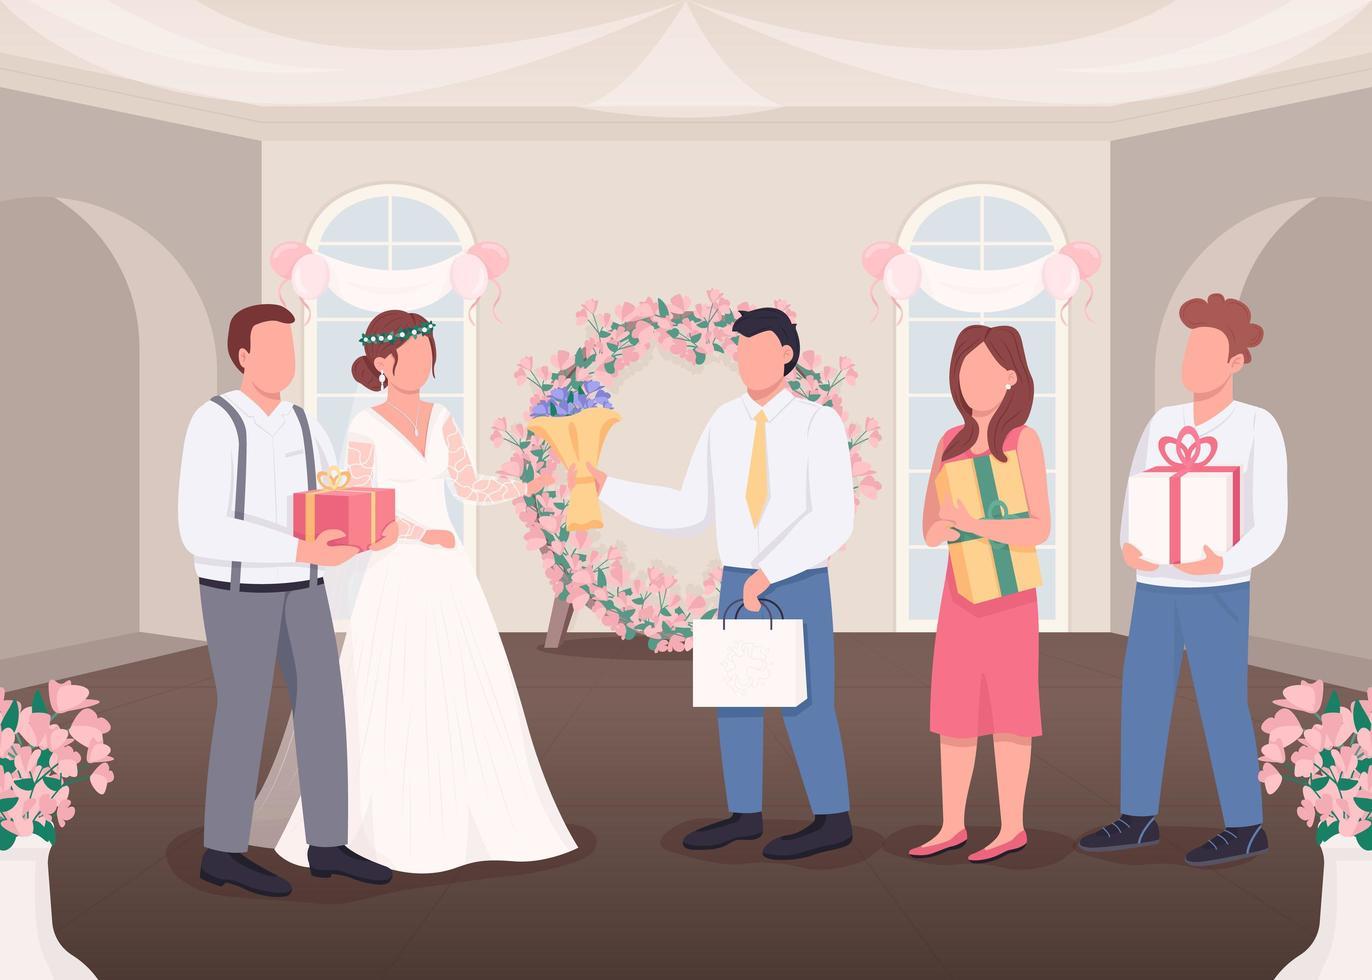 cadeaux pour la mariée et le marié vecteur